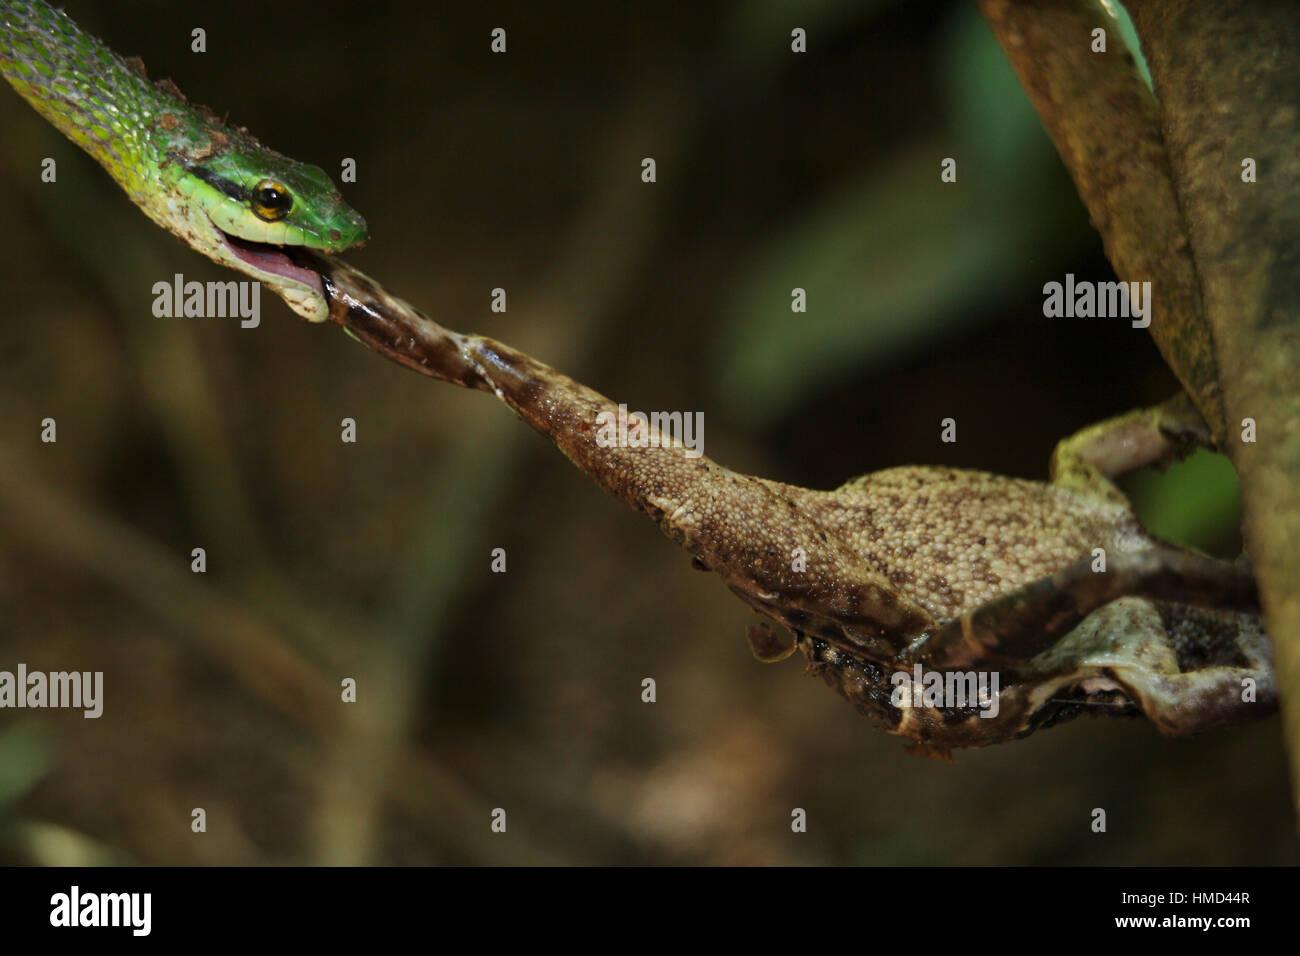 Pappagallo verde serpente (Leptophis ahaetulla) cattura un liscio-pelato Toad (Bufo haematiticus) su una riva di Immagini Stock